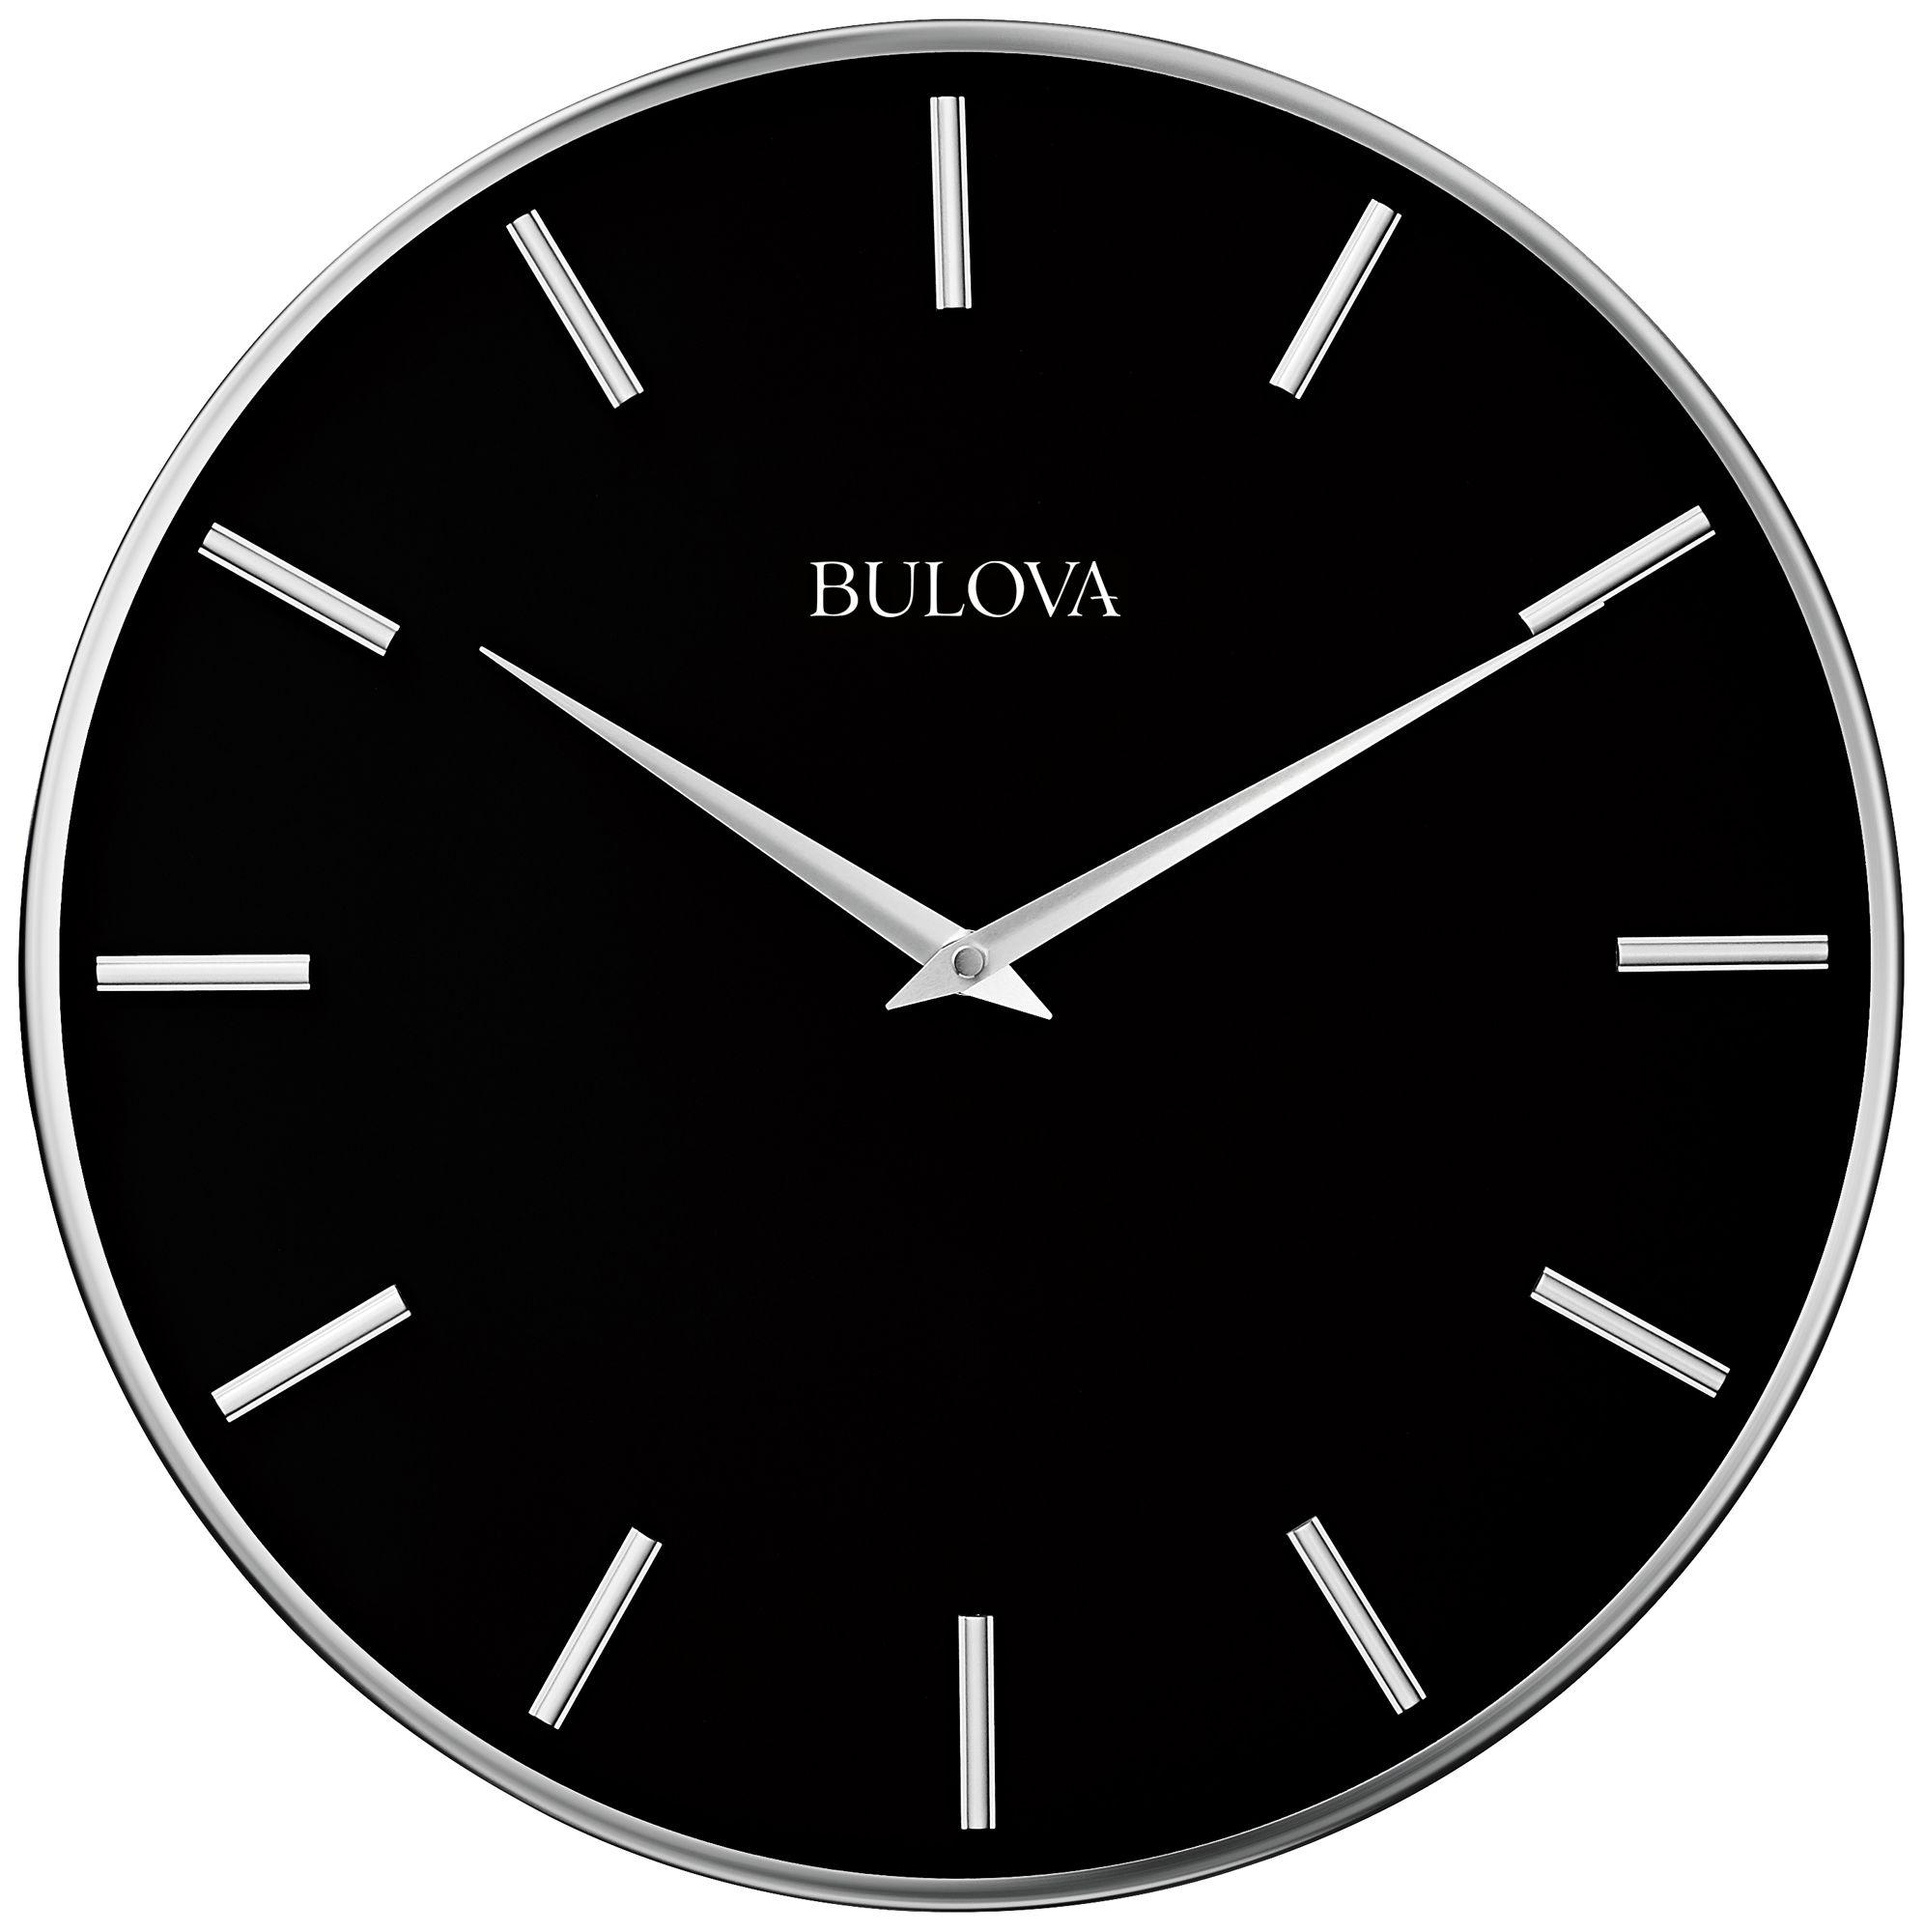 Bulova ambiance mantel clock